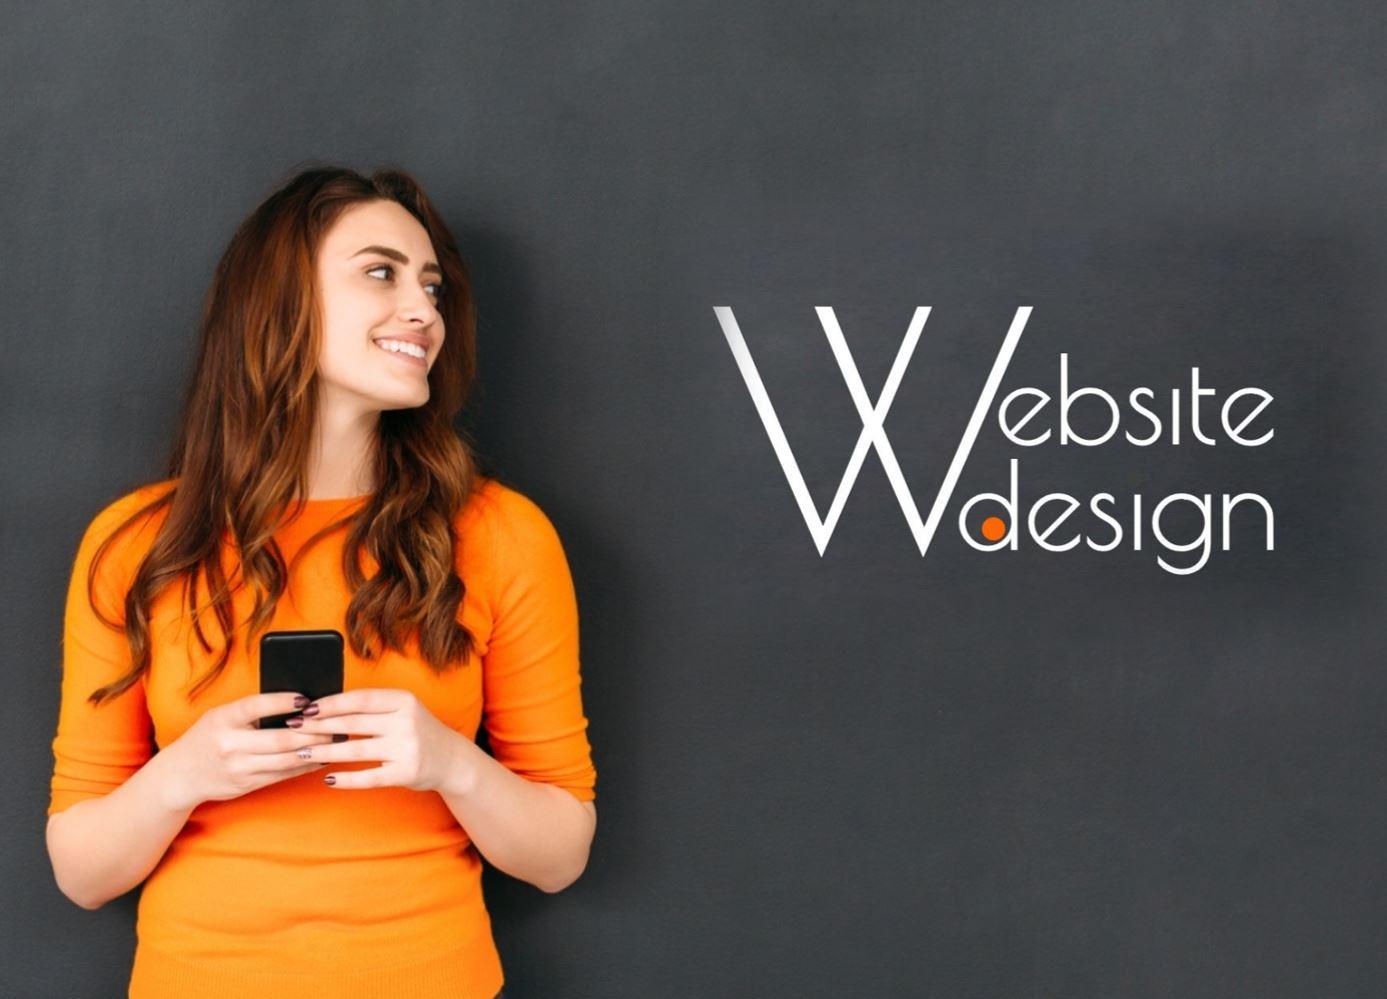 Melinda Bak website design - resources for the DIYer, DIY website